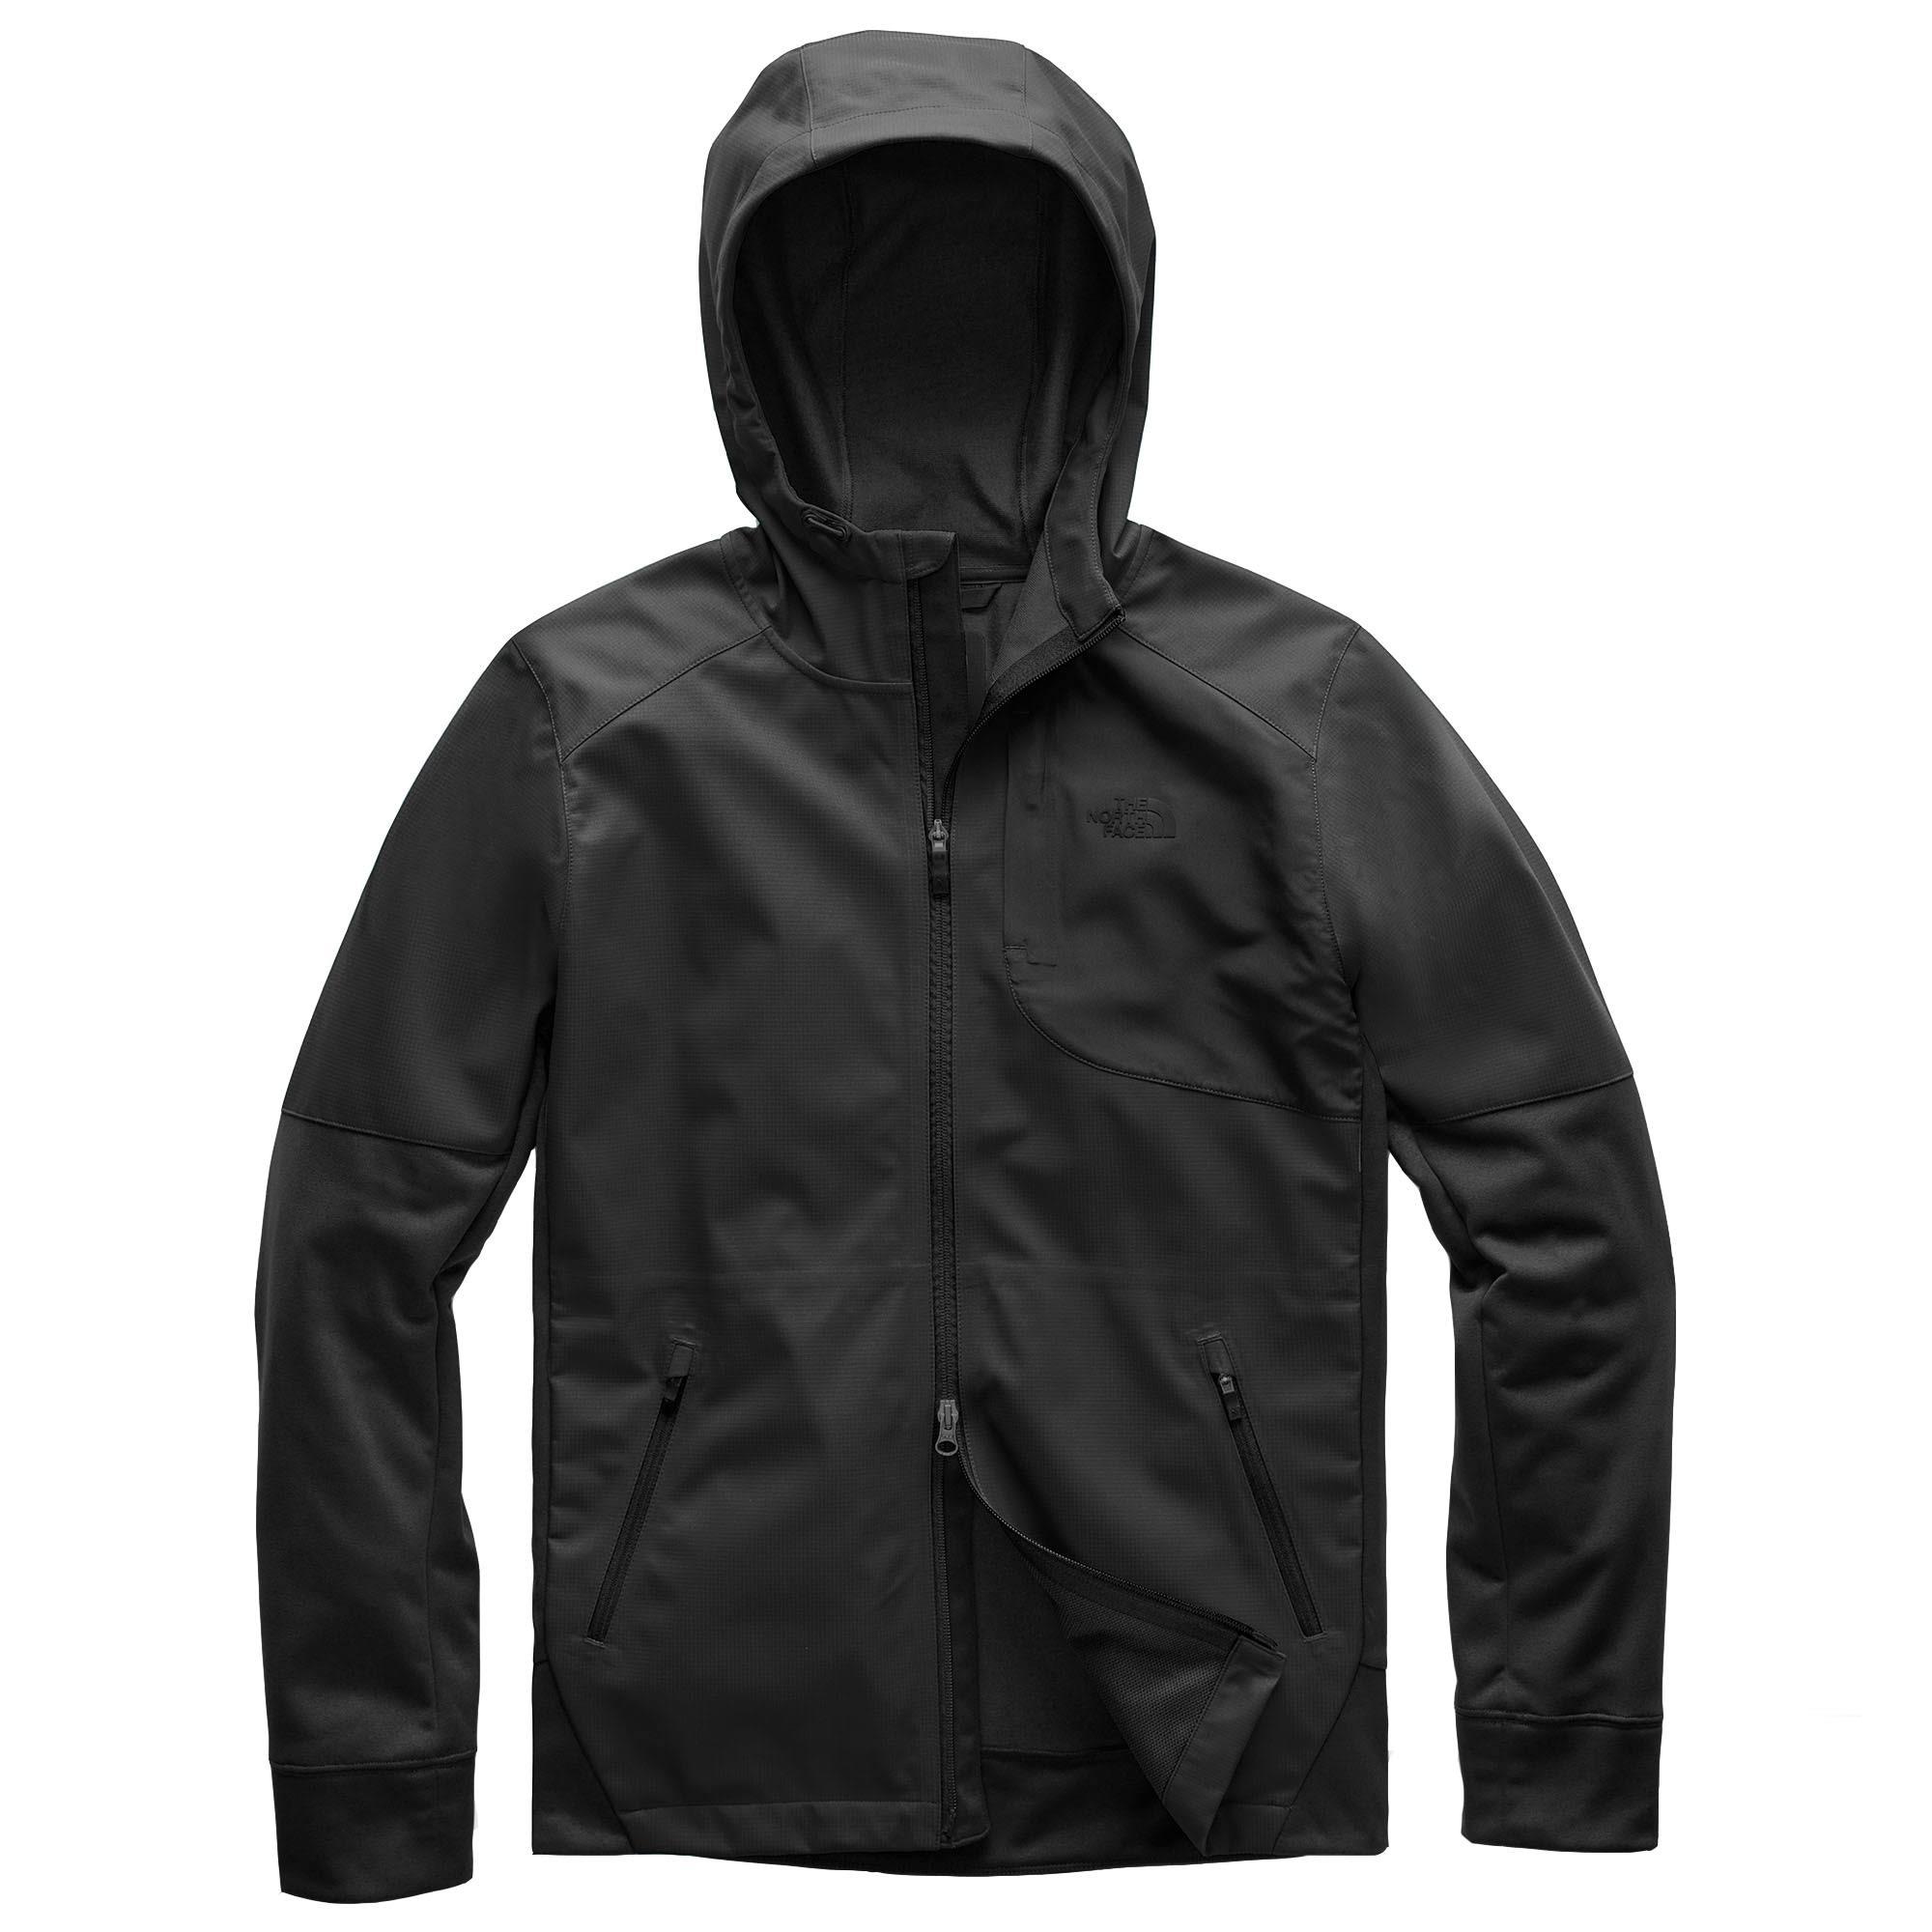 Schwarz Kilowatt North Face Die Jacket Männer qw78n1vZ